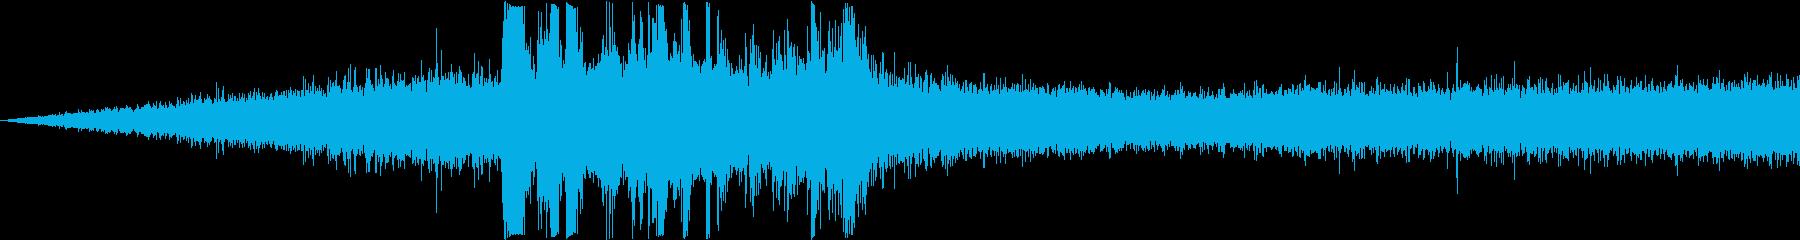 雨音と雷 F.I.の再生済みの波形